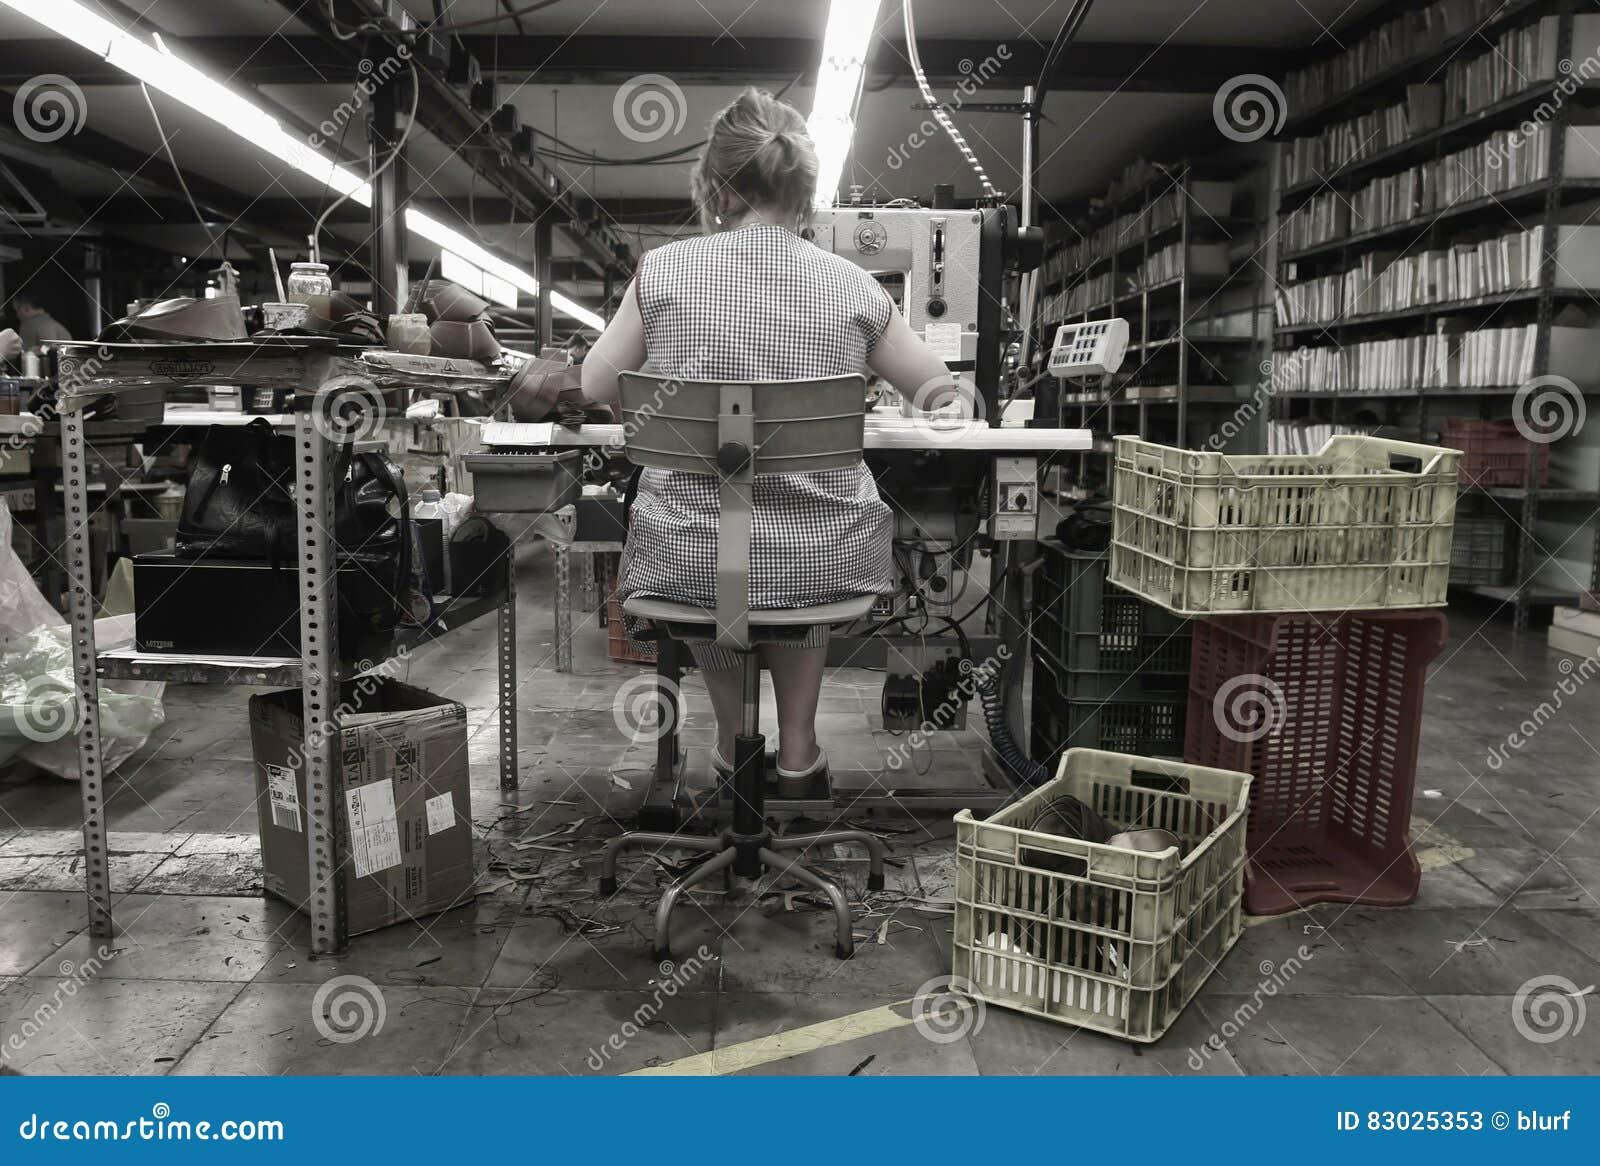 Εργαζόμενος στη χειροποίητη αποθήκη εμπορευμάτων κατασκευής υποδημάτων